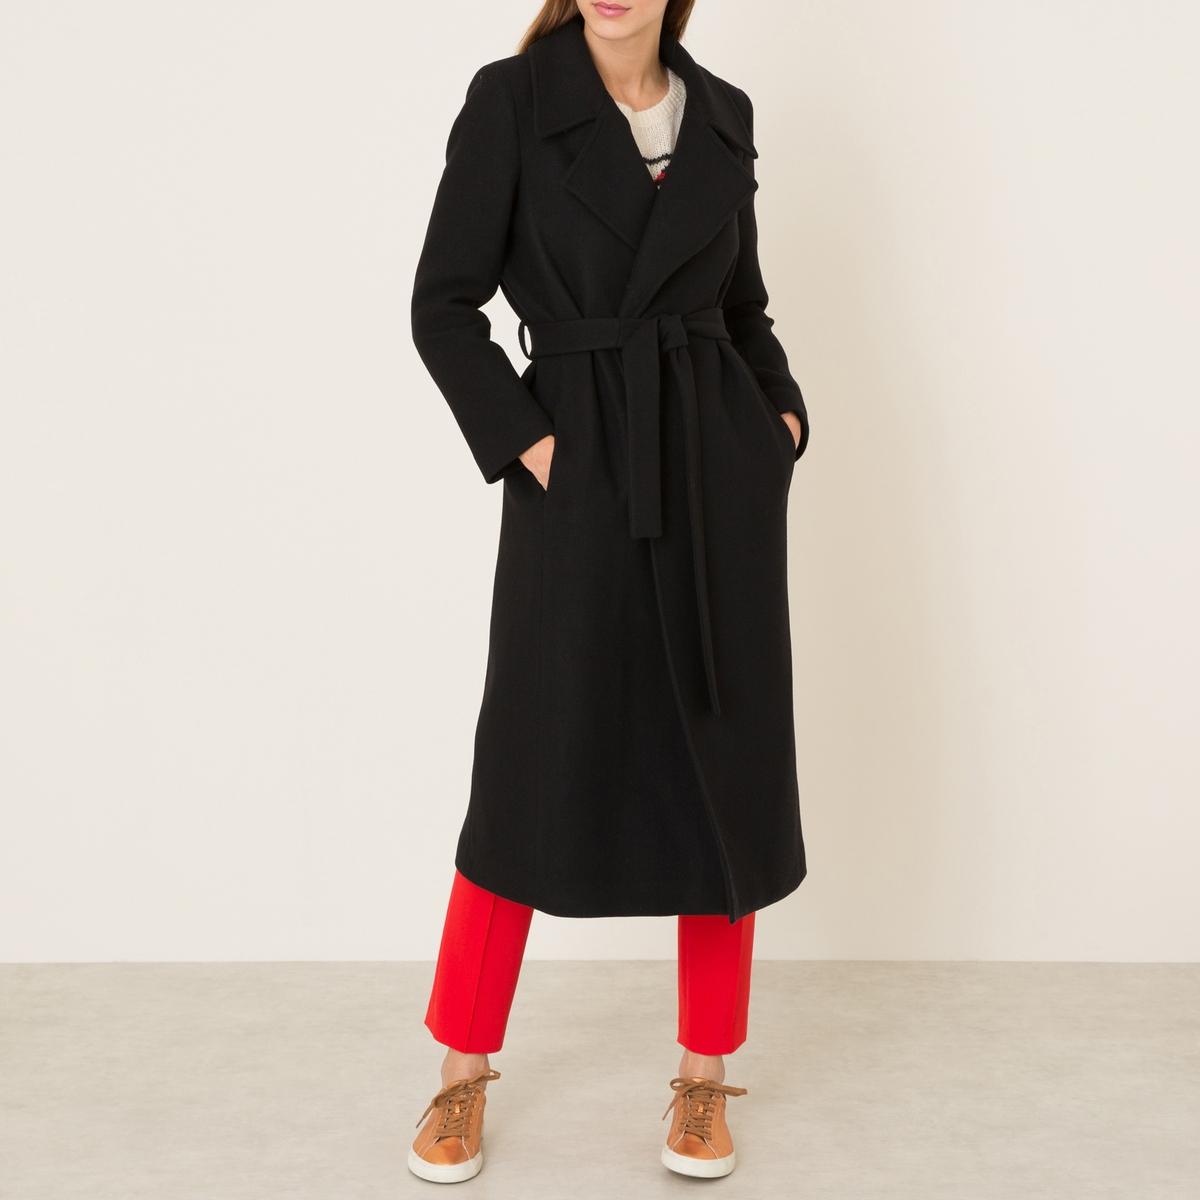 Пальто длинное однотонноеПальто LA BRAND BOUTIQUE, однотонное. Длинный покрой. Широкий костюмный зубчатый воротник. Боковые карманы в швах. Пояс со шлевками. Шлица сзади для большего удобства. Состав и описание    Материал : 78% необработанной шерсти, 22% полиамида    Марка : LA BRAND BOUTIQUE<br><br>Цвет: черный